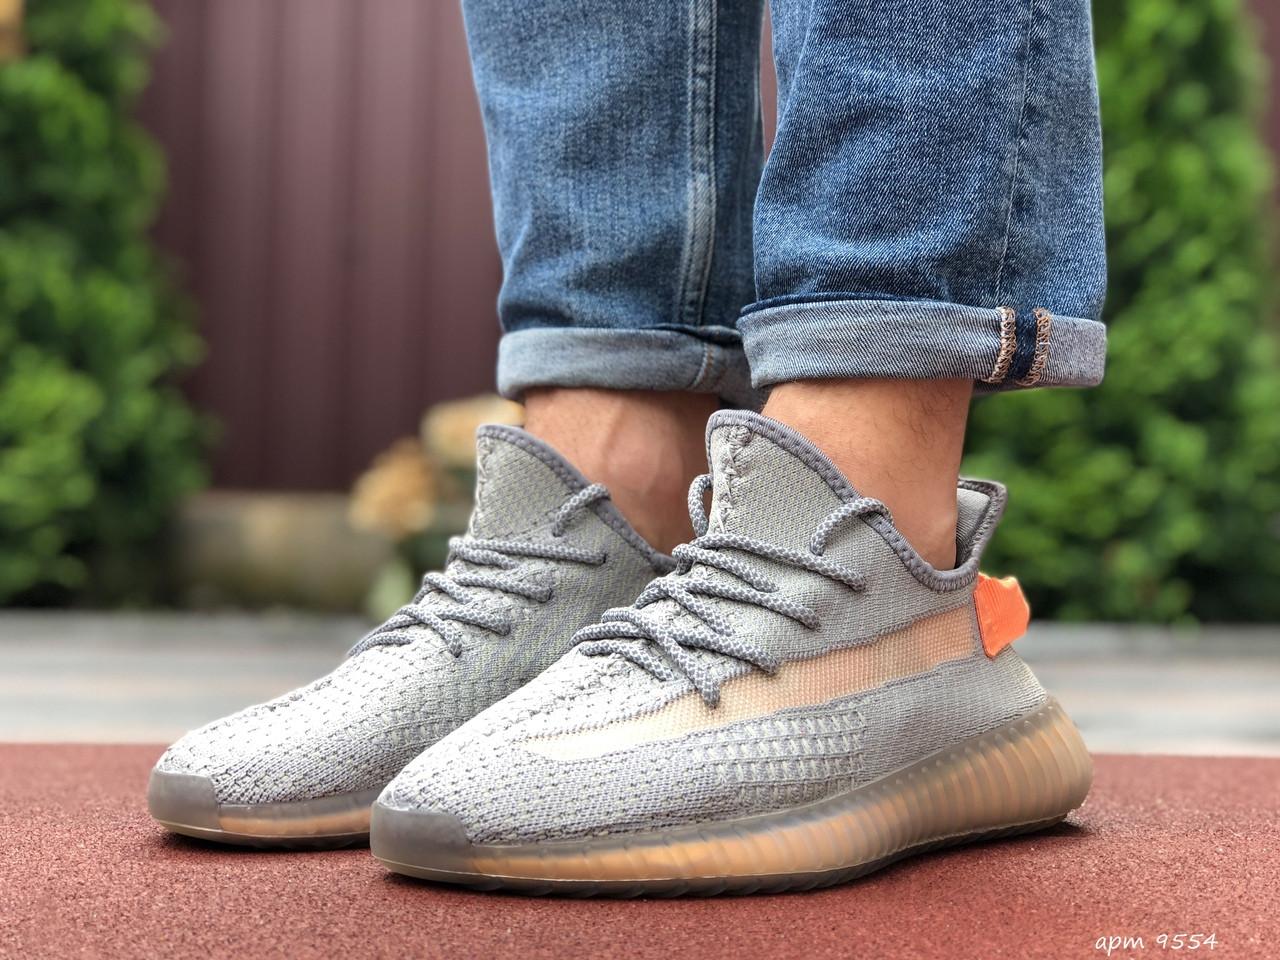 Чоловічі кросівки Yeezy Boost (сіро-коричневі) 9554